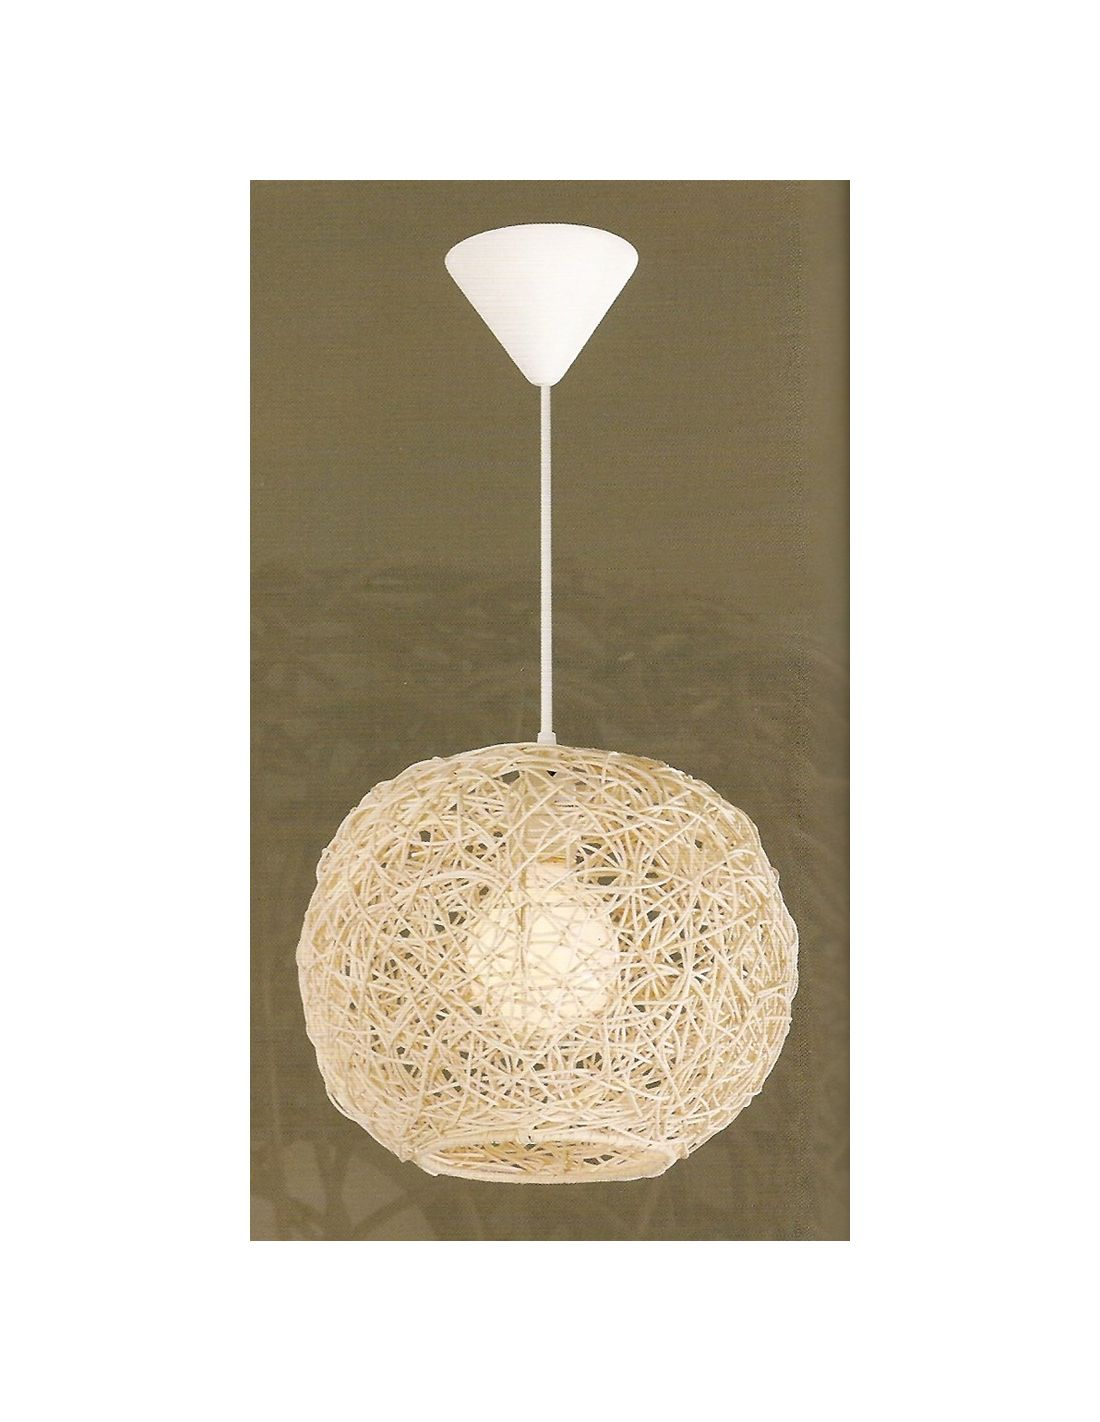 Lamparas mimbre lamparas rattan lamparas online comprar - Lamparas originales de techo ...